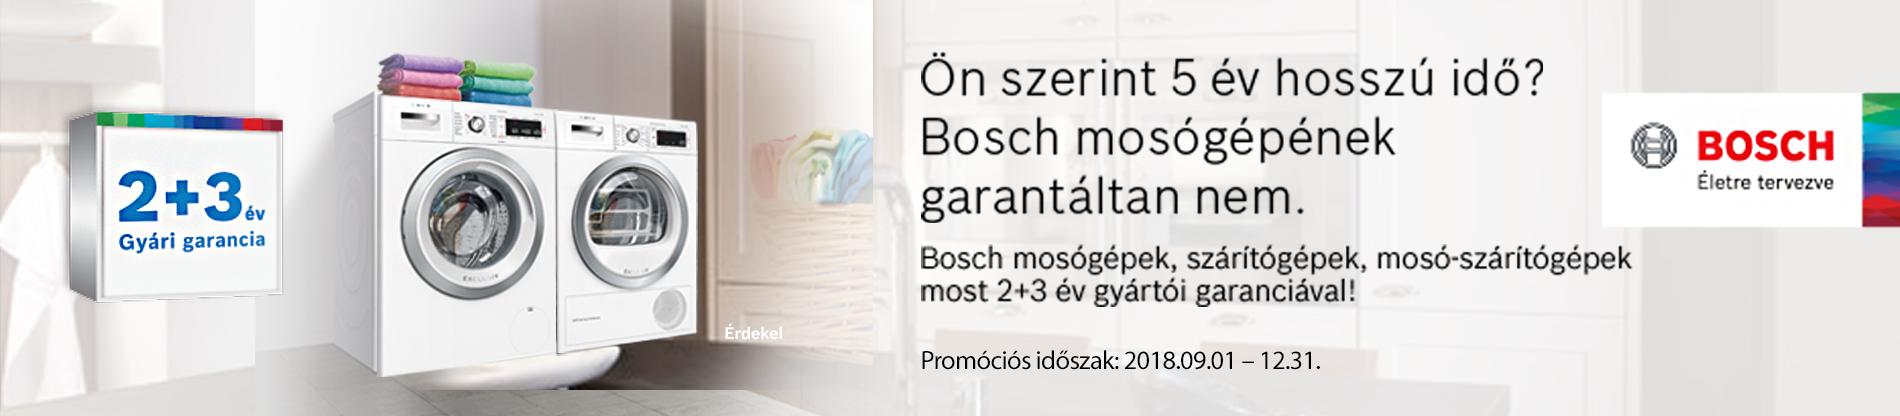 Bosch mosógép